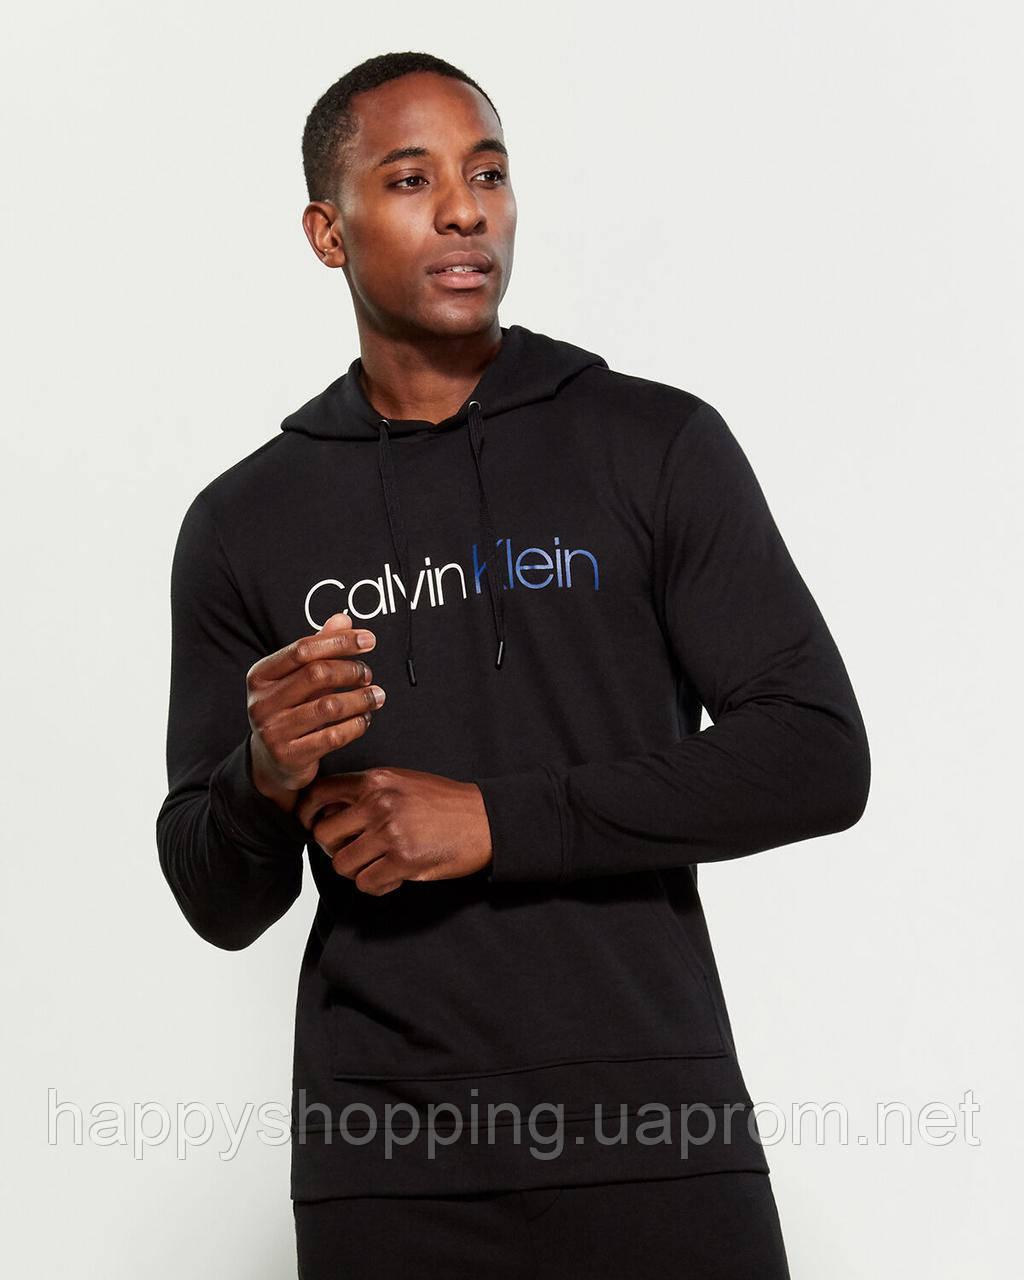 Мужской оригинальный черный спортивный костюм Calvin Klein (размер  XL)